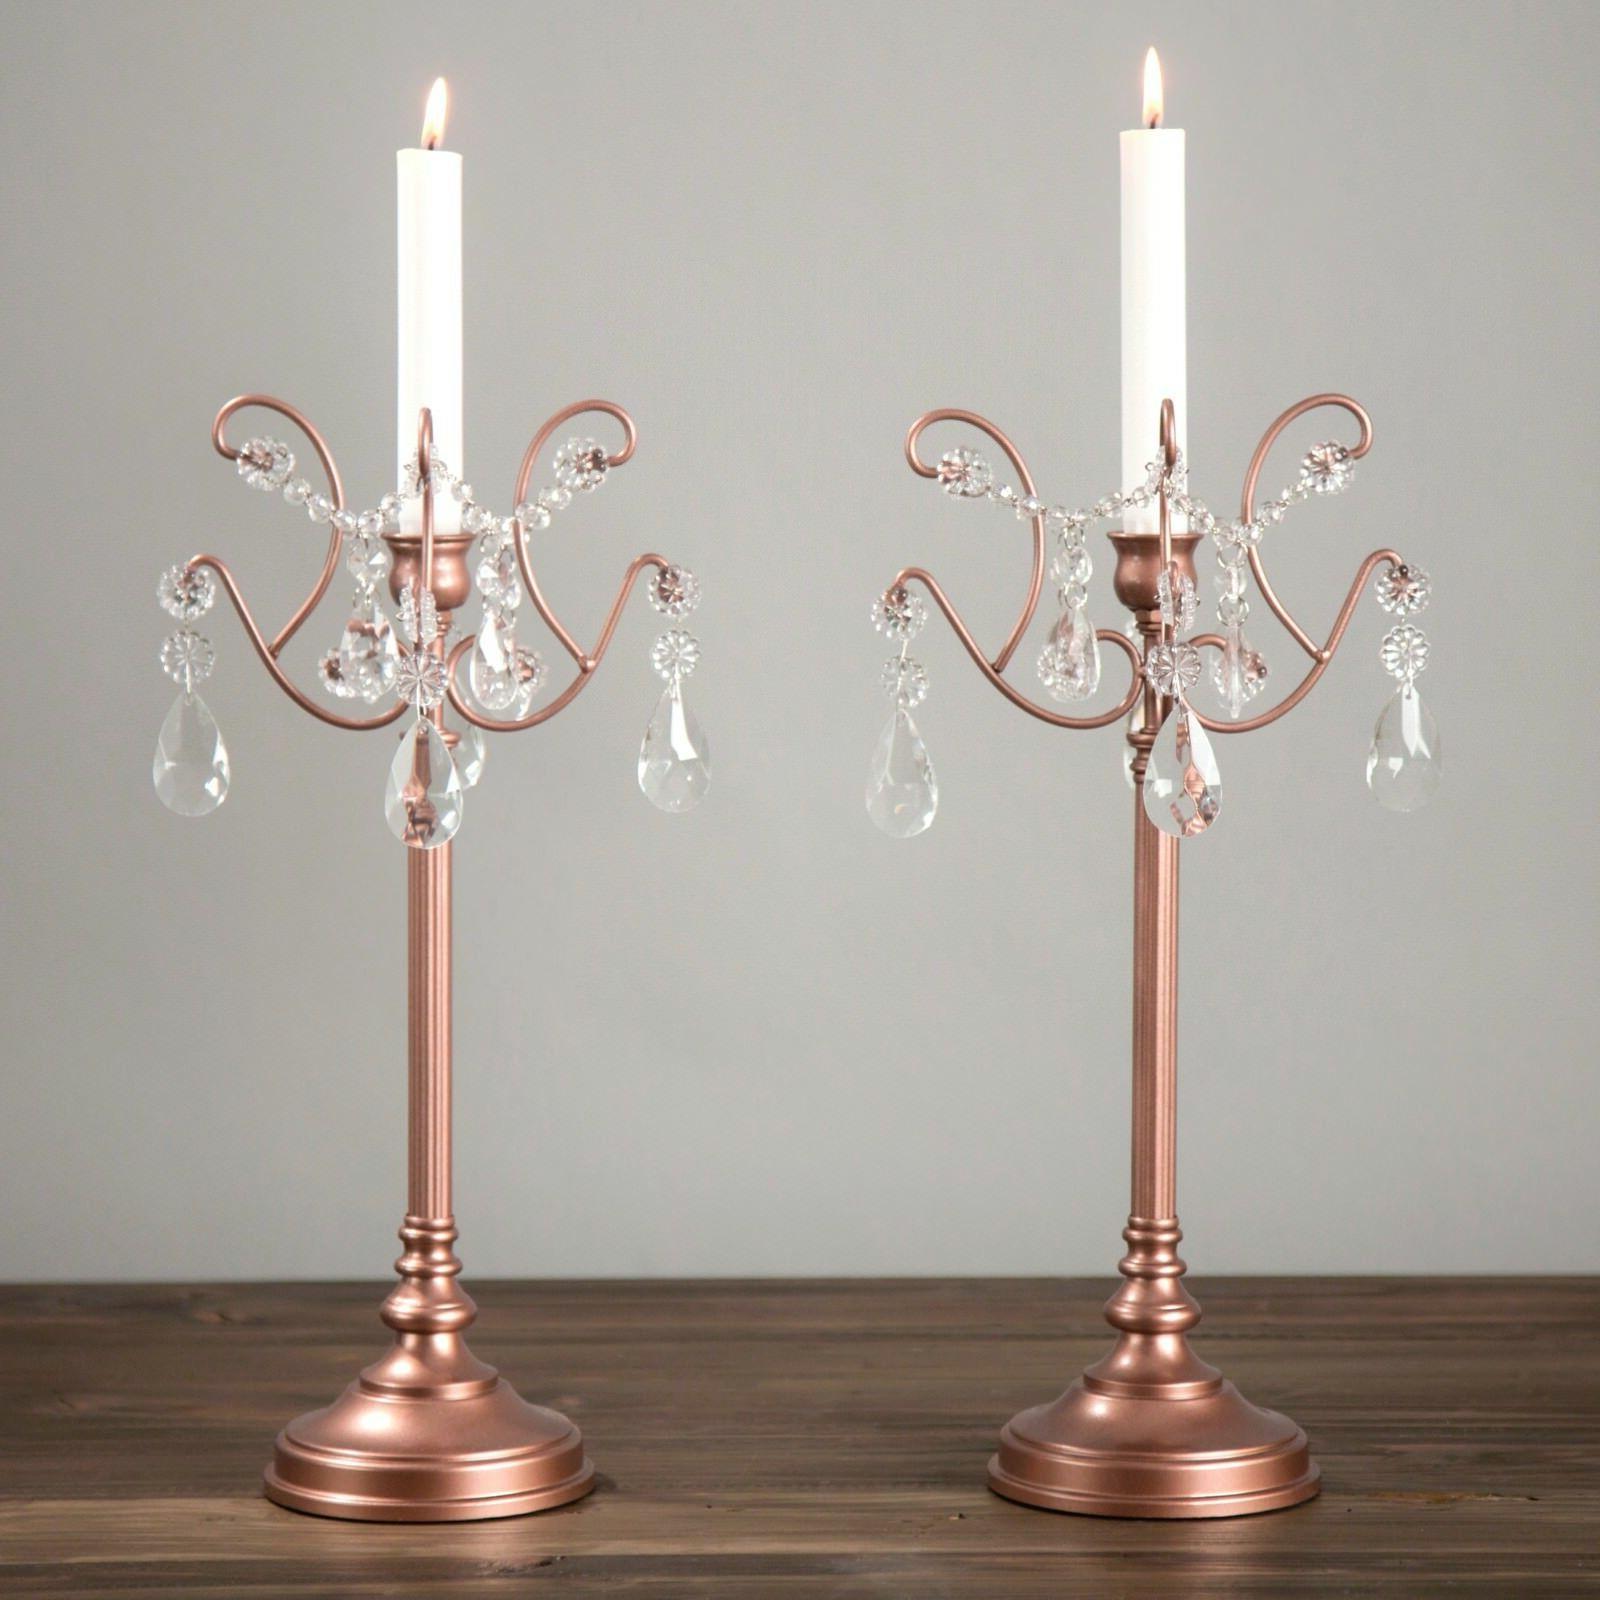 2 piece candlestick candle holder set candelabra